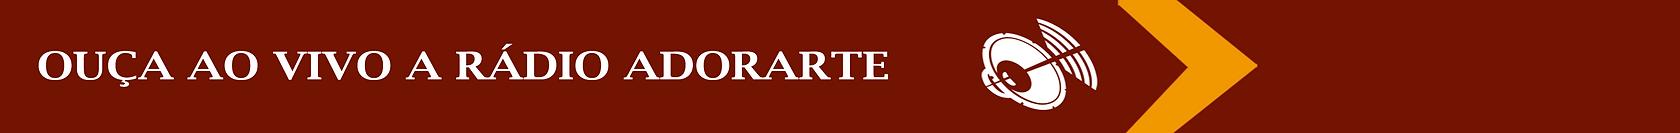 RADIO ADORARTE 3.png